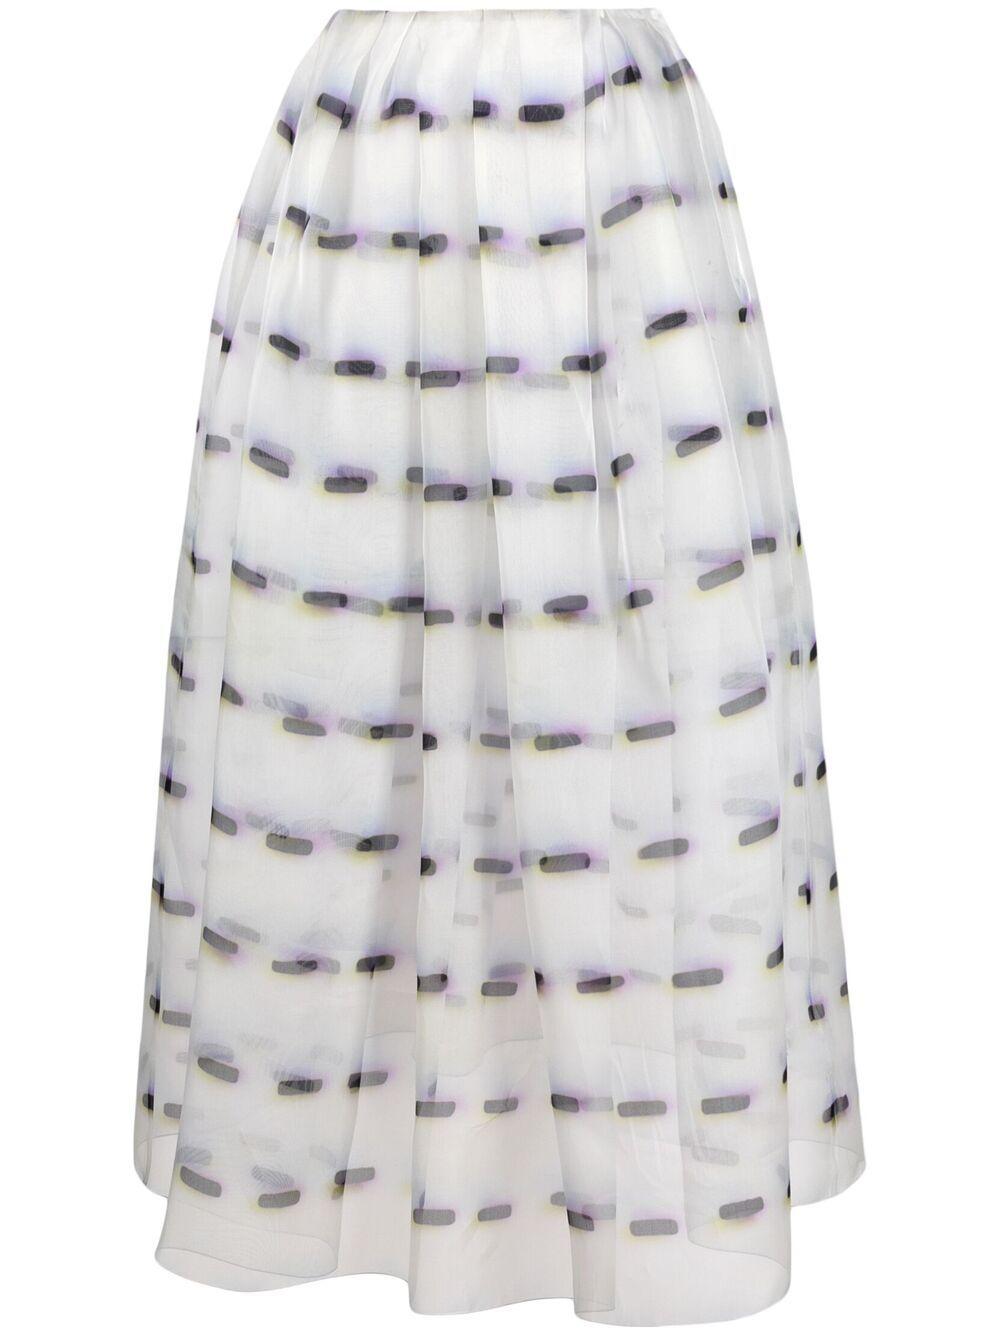 White silk layered high-waisted skirt  DRIES VAN NOTEN |  | SAKURA-2085-10803001